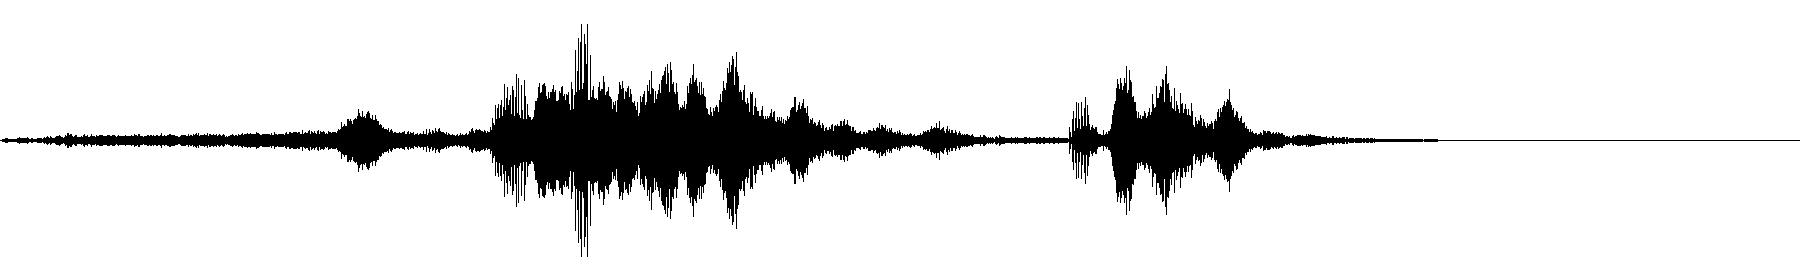 bluezone orbit sound 074